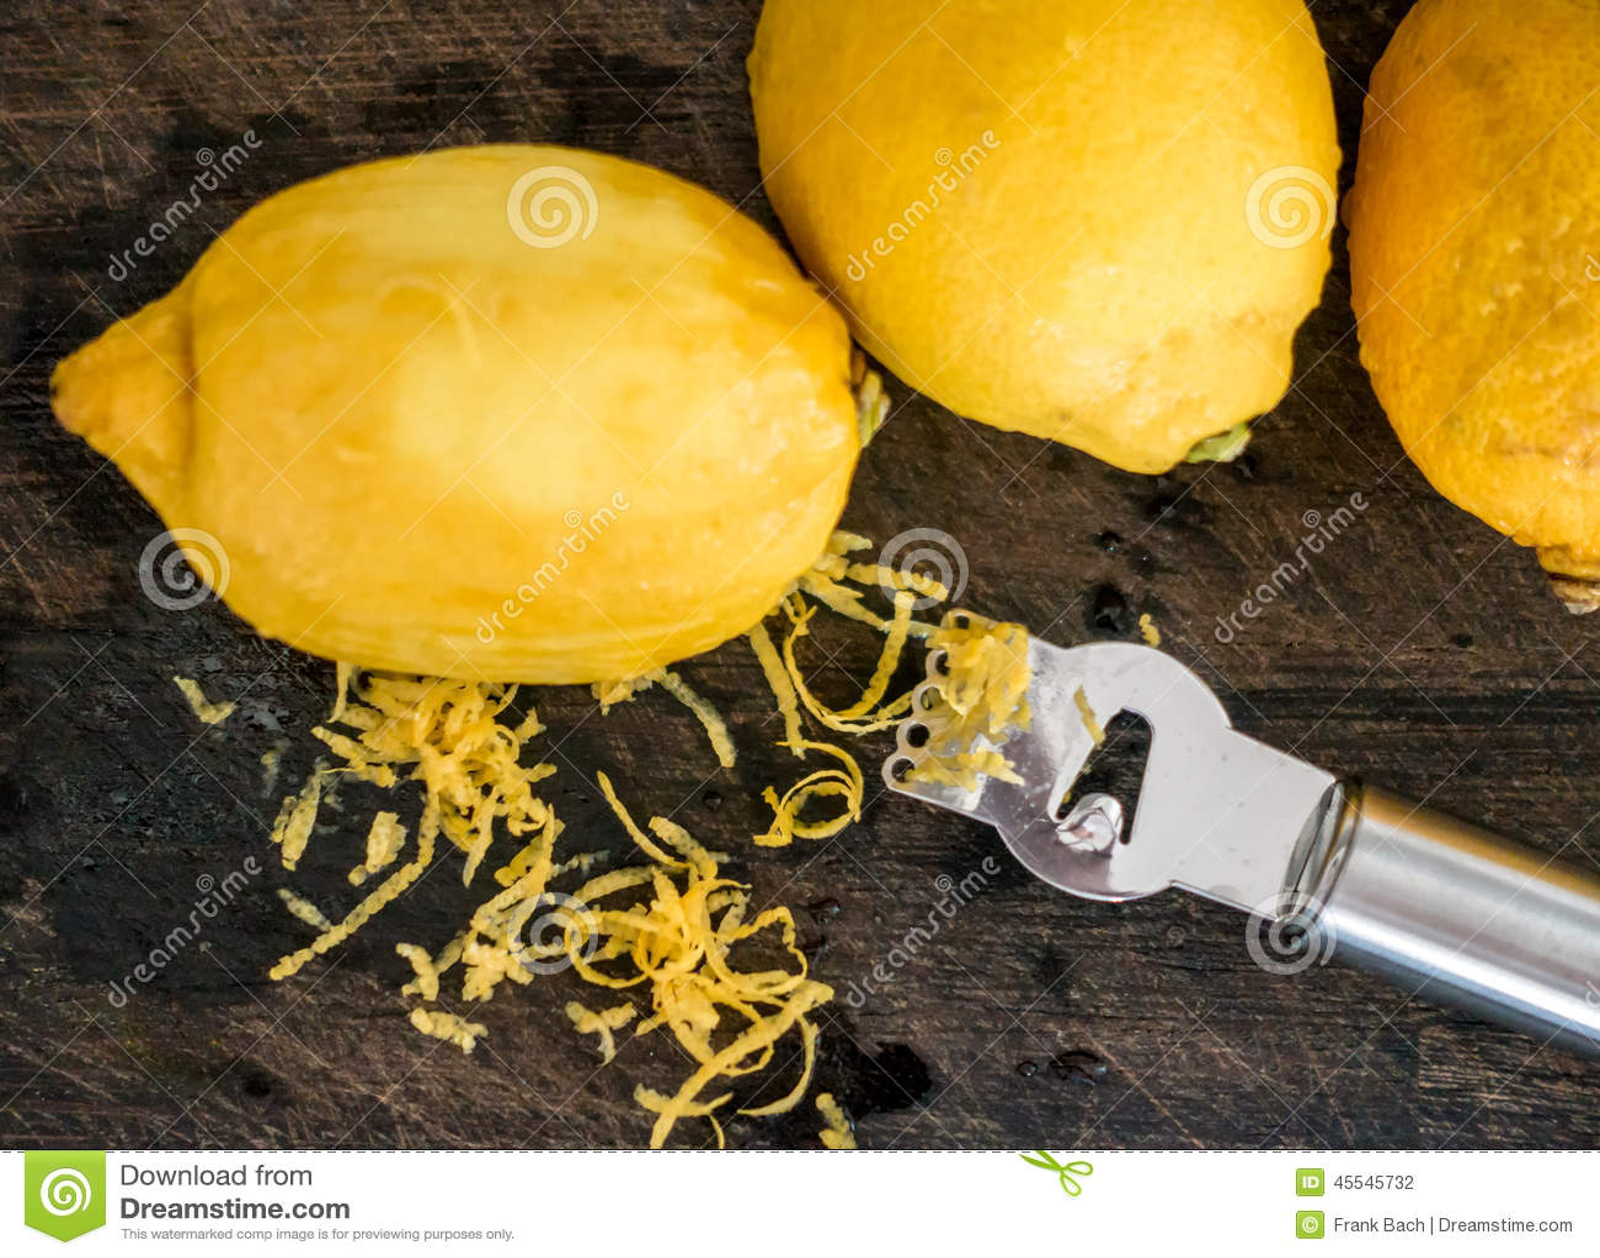 Peeling lemon rind to add zest